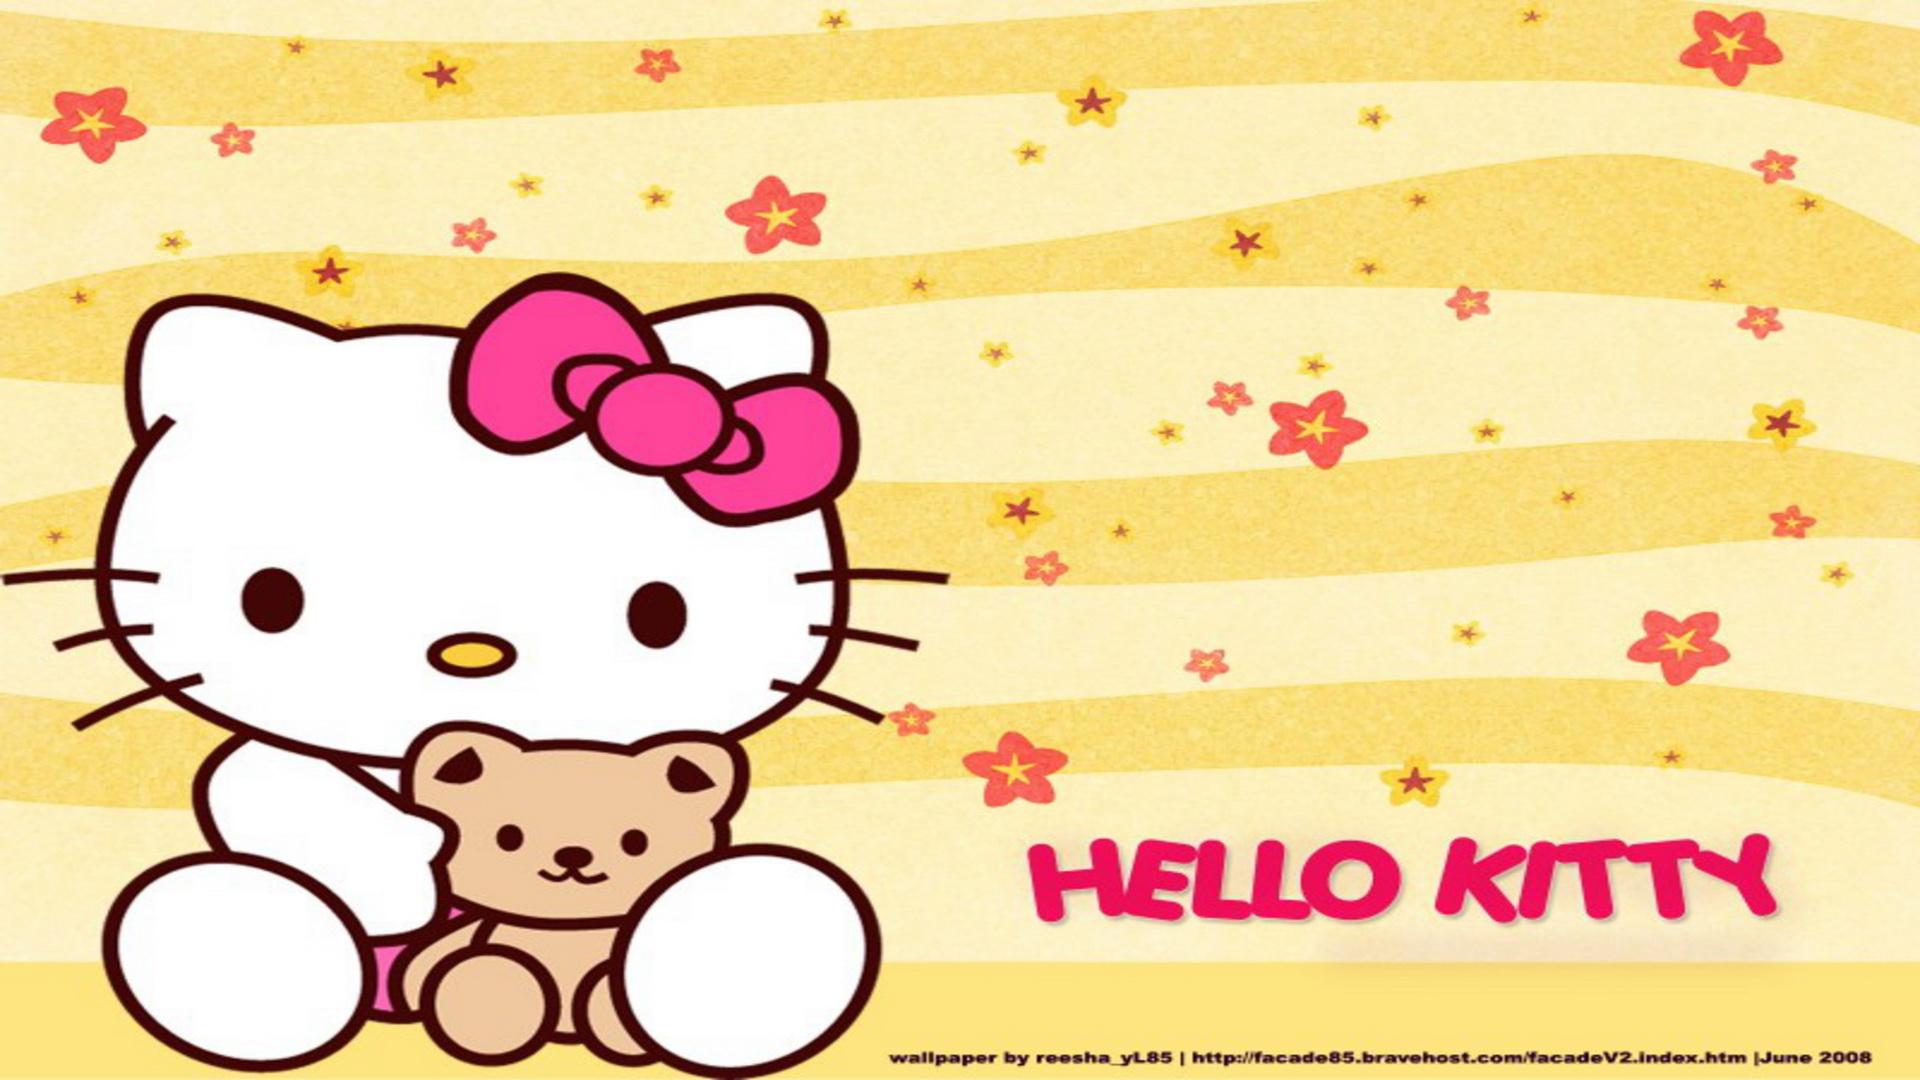 Hello kitty illest wallpaper